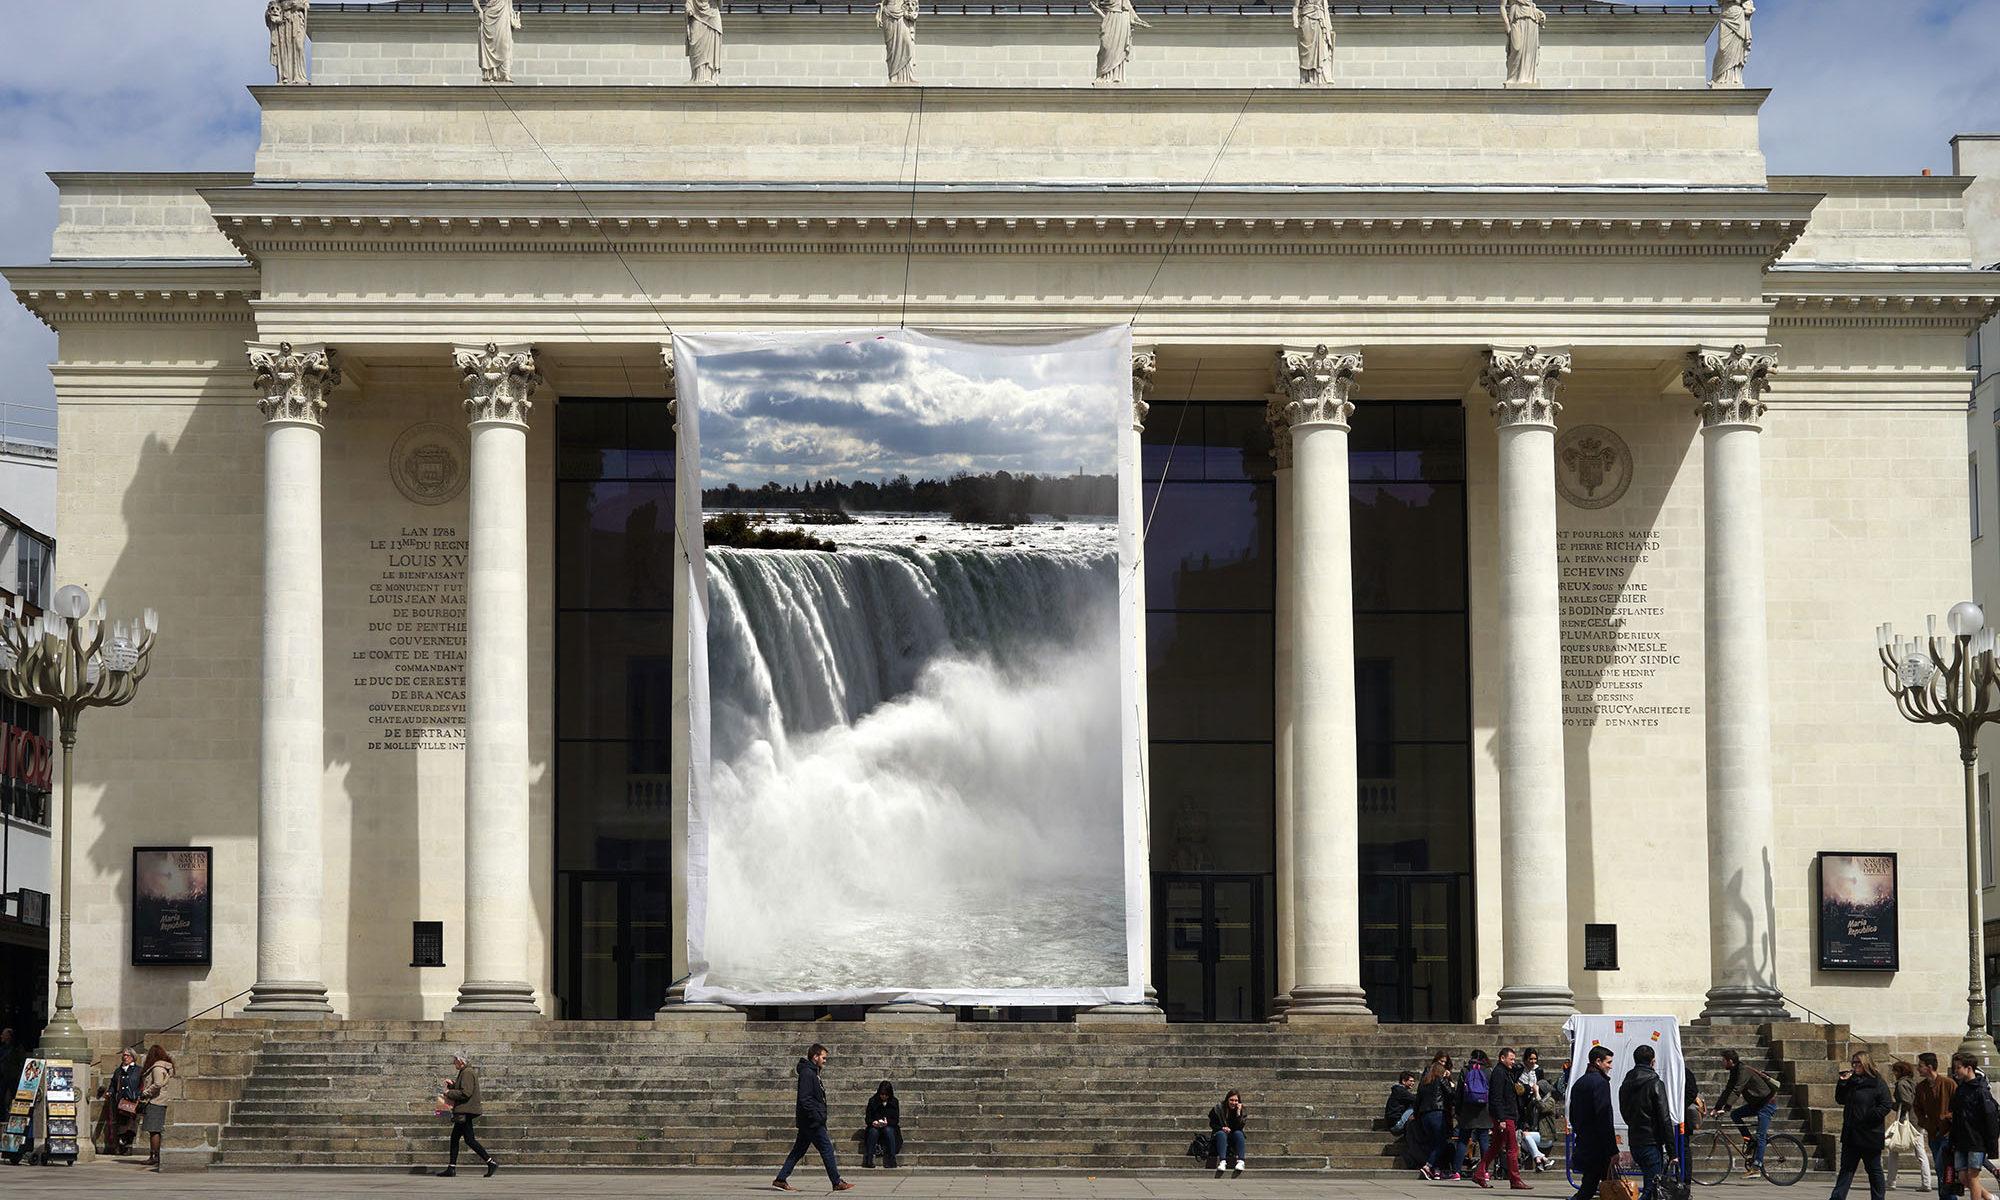 Le dos du rideau d'eau sera présenté à la presse dès la première panne du Rideau.